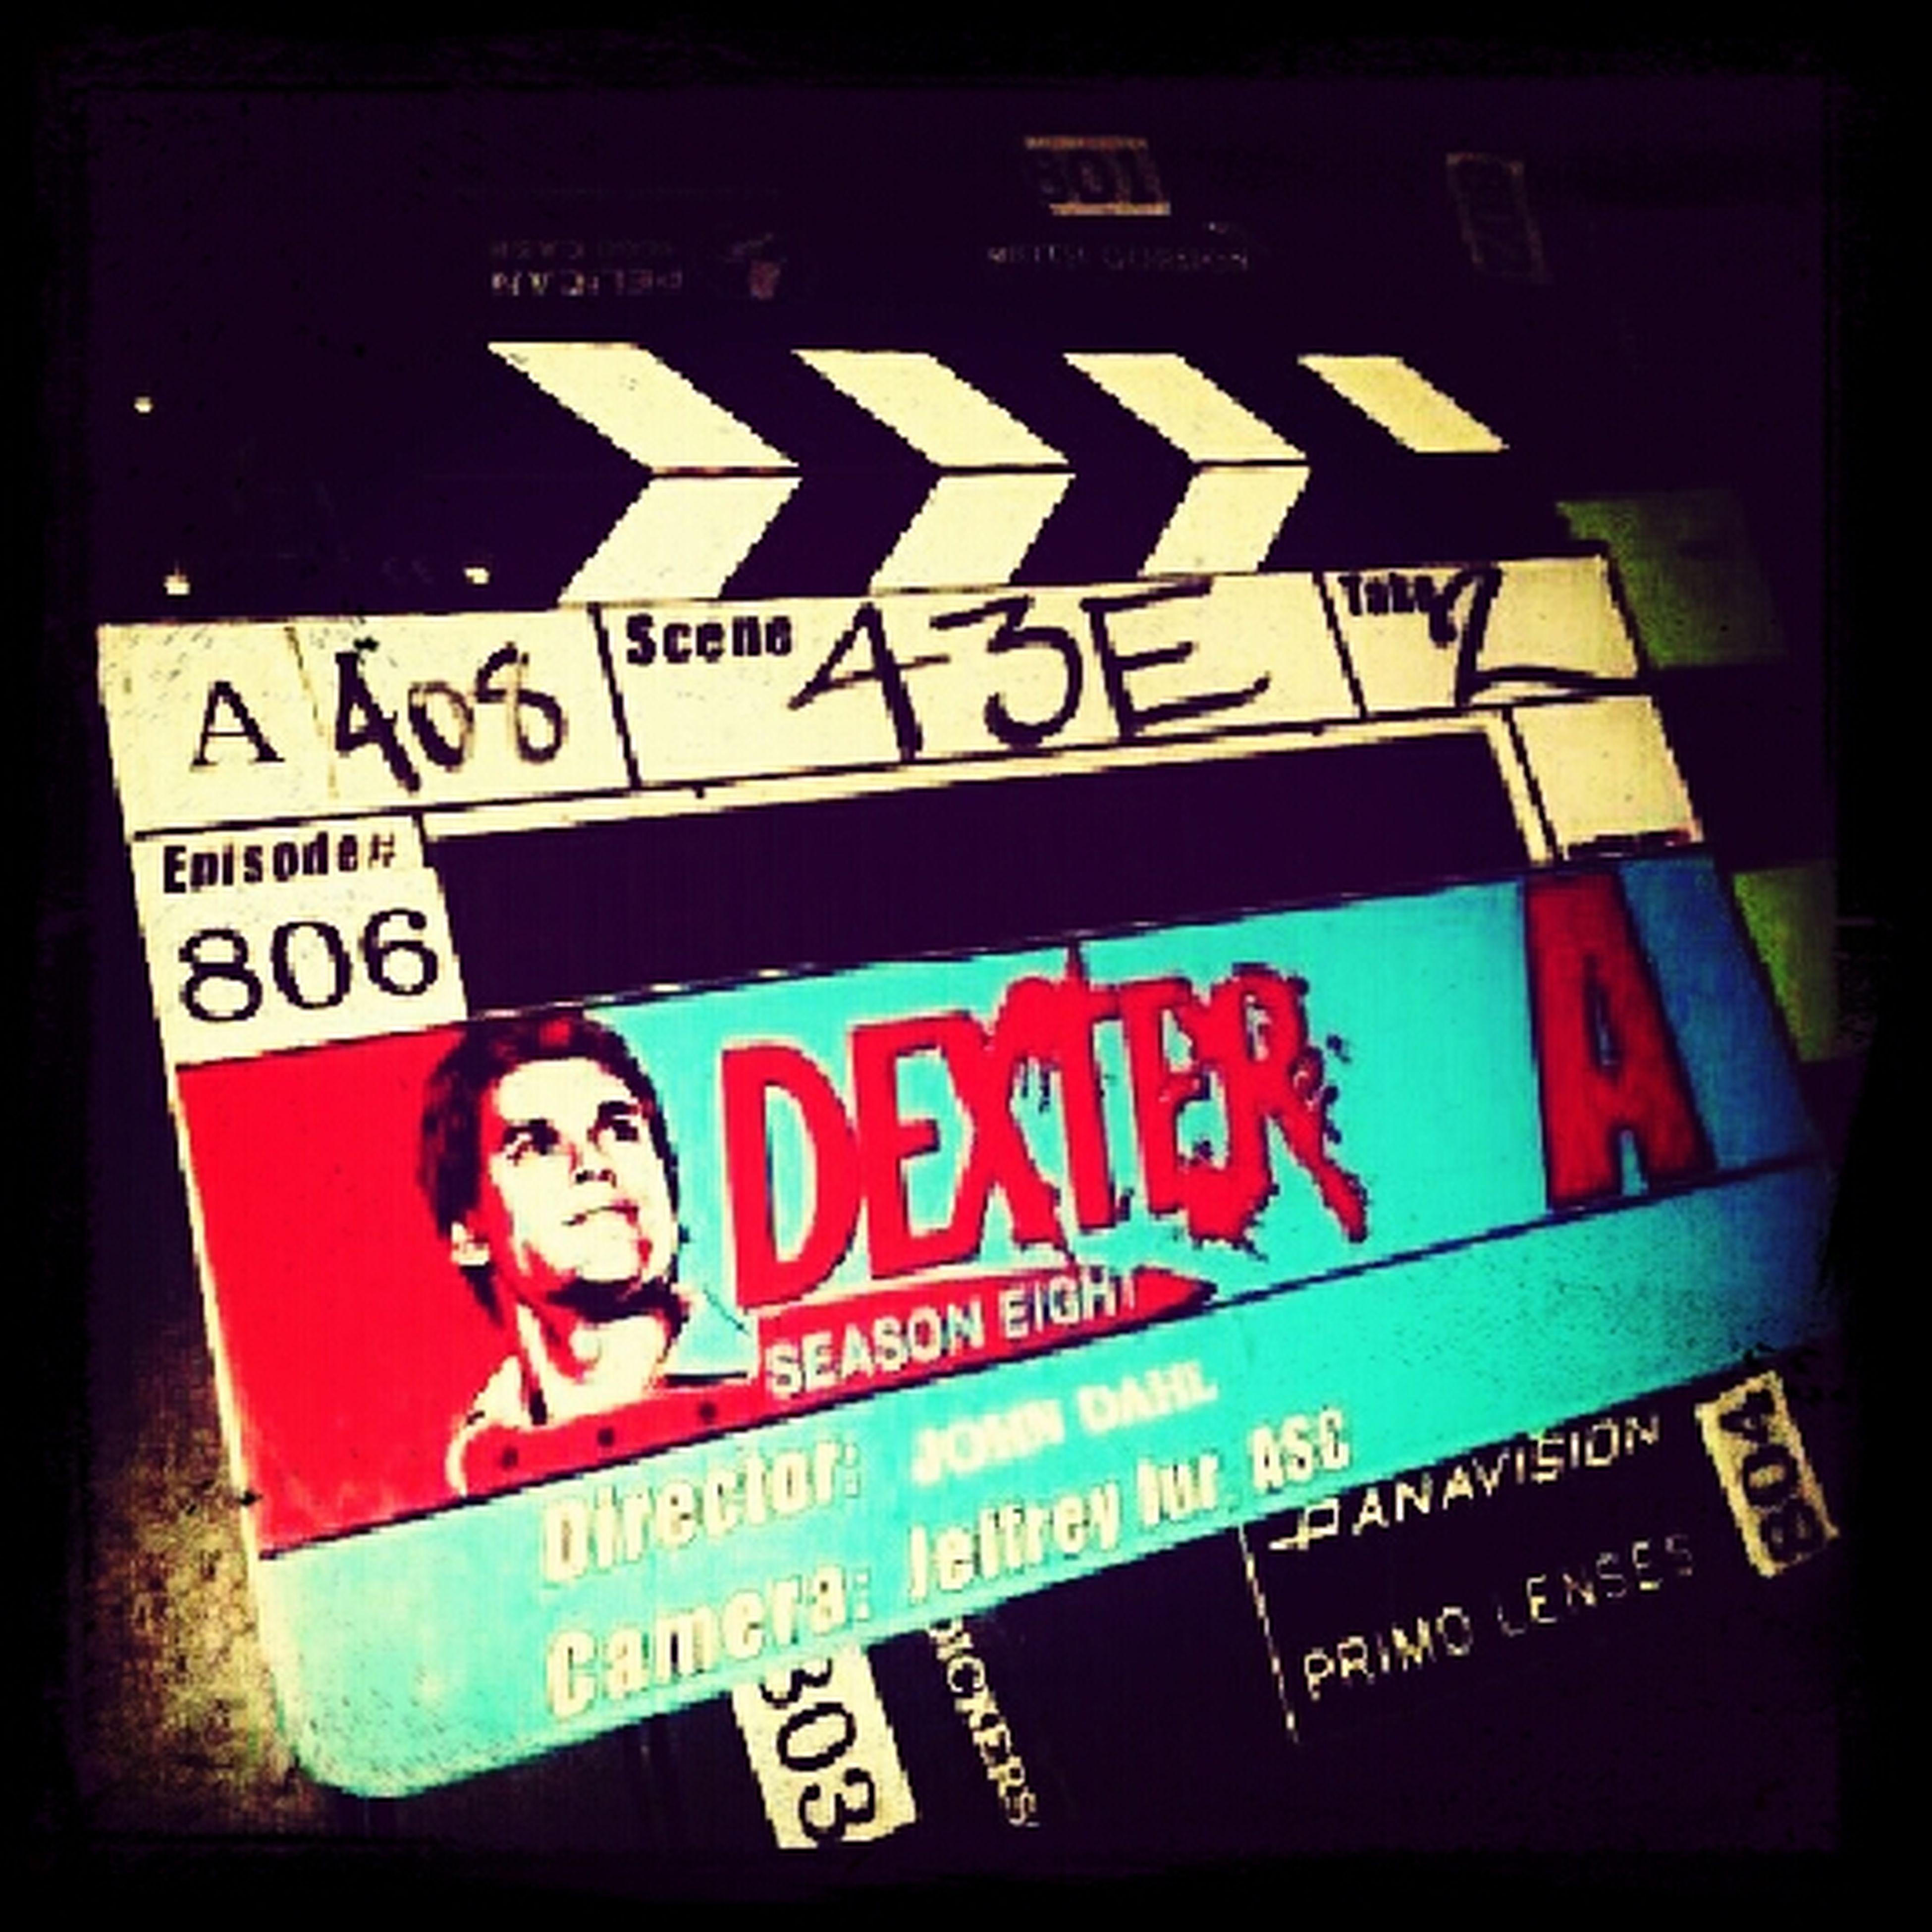 Enjoing Dexter